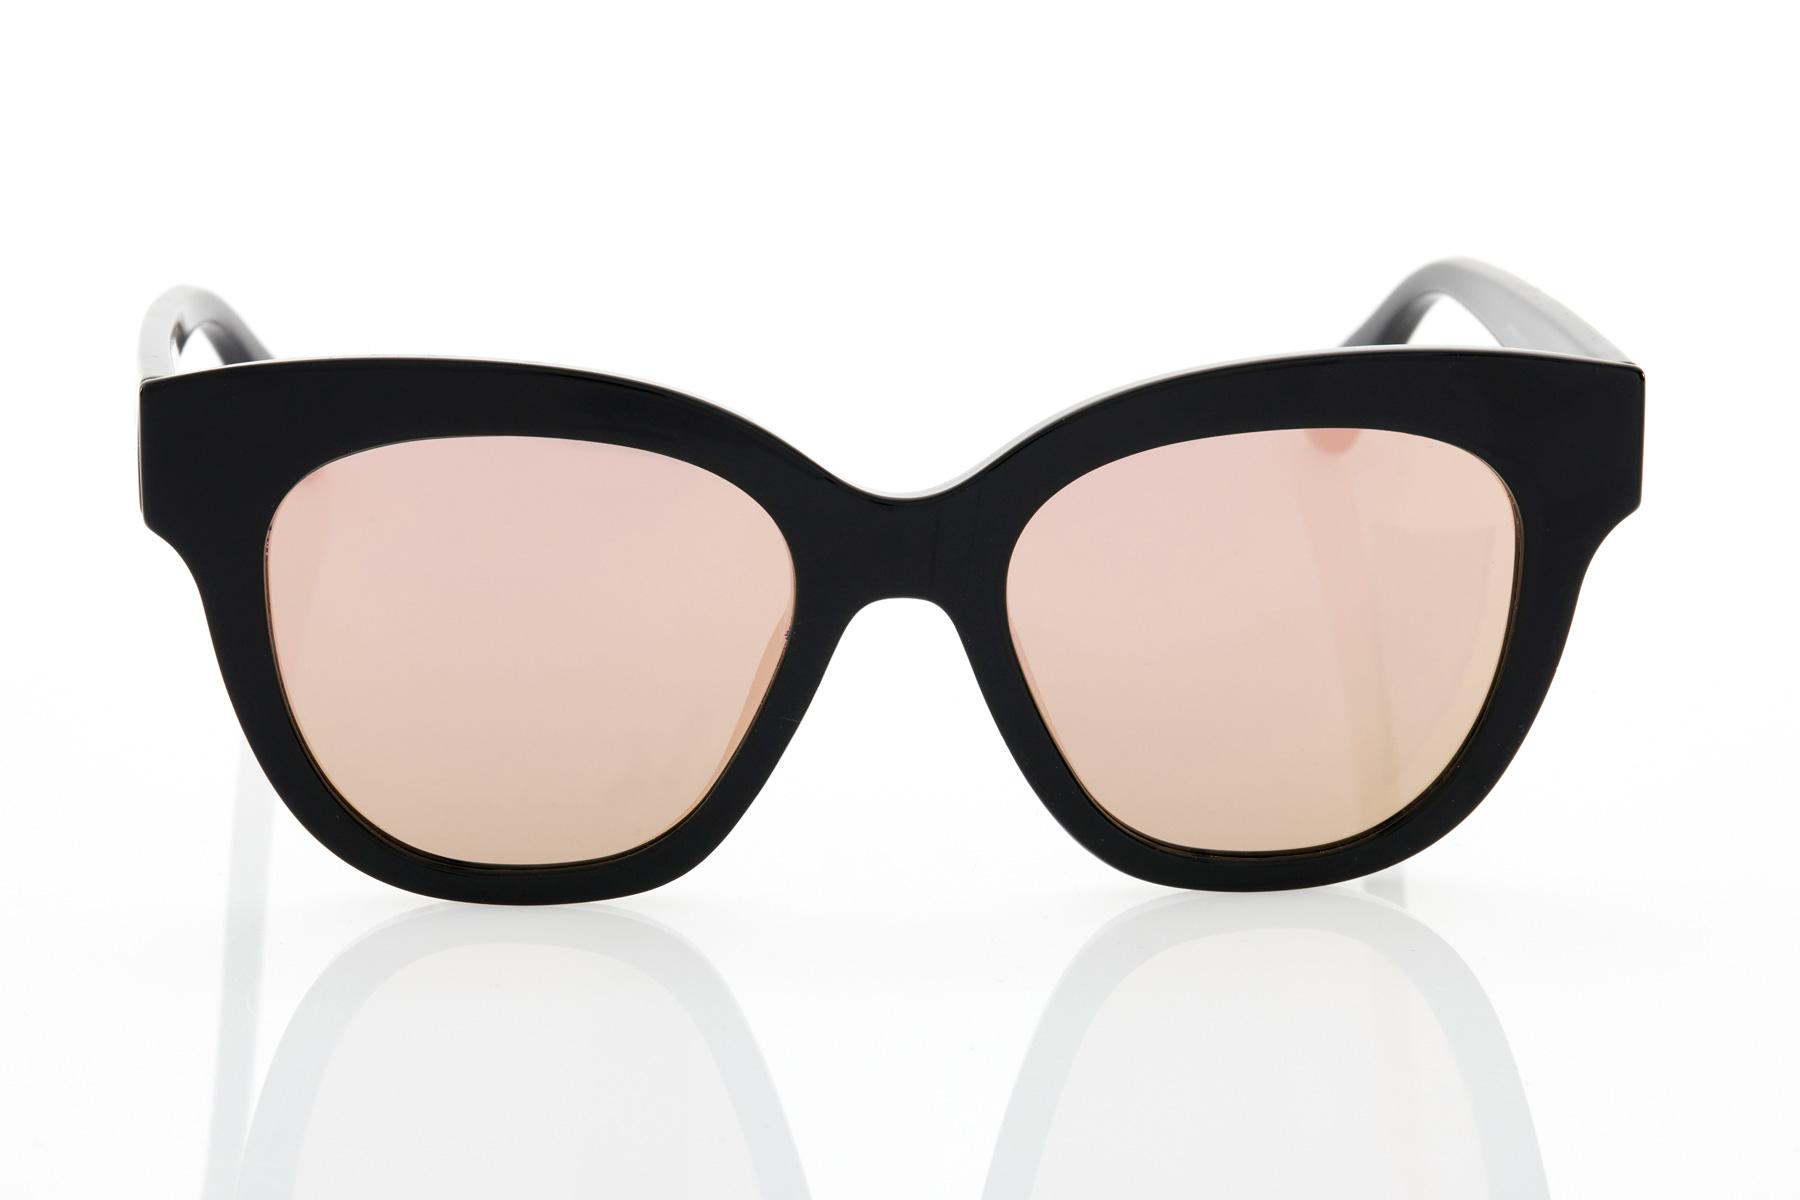 Μαύρα Γυναικεία Γυαλιά Ηλίου Hawkers Audrey Black Rose Gold